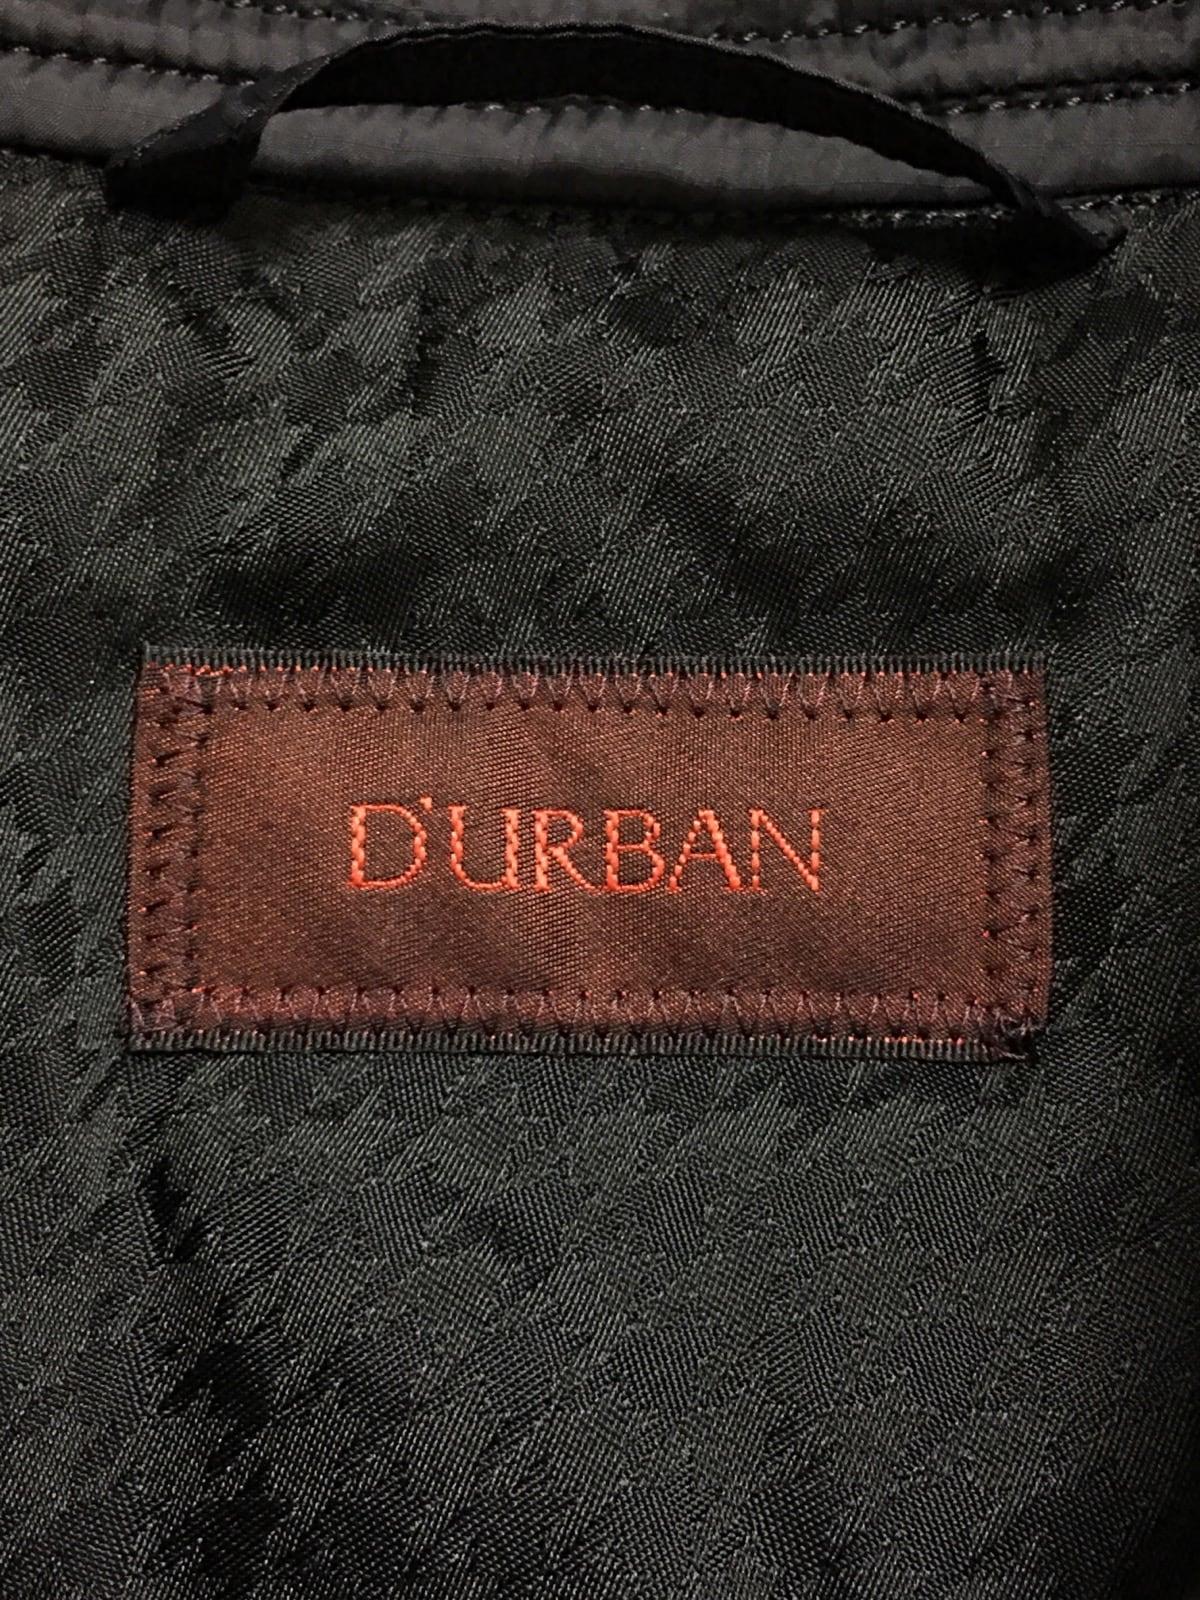 DURBAN(ダーバン)のダウンコート